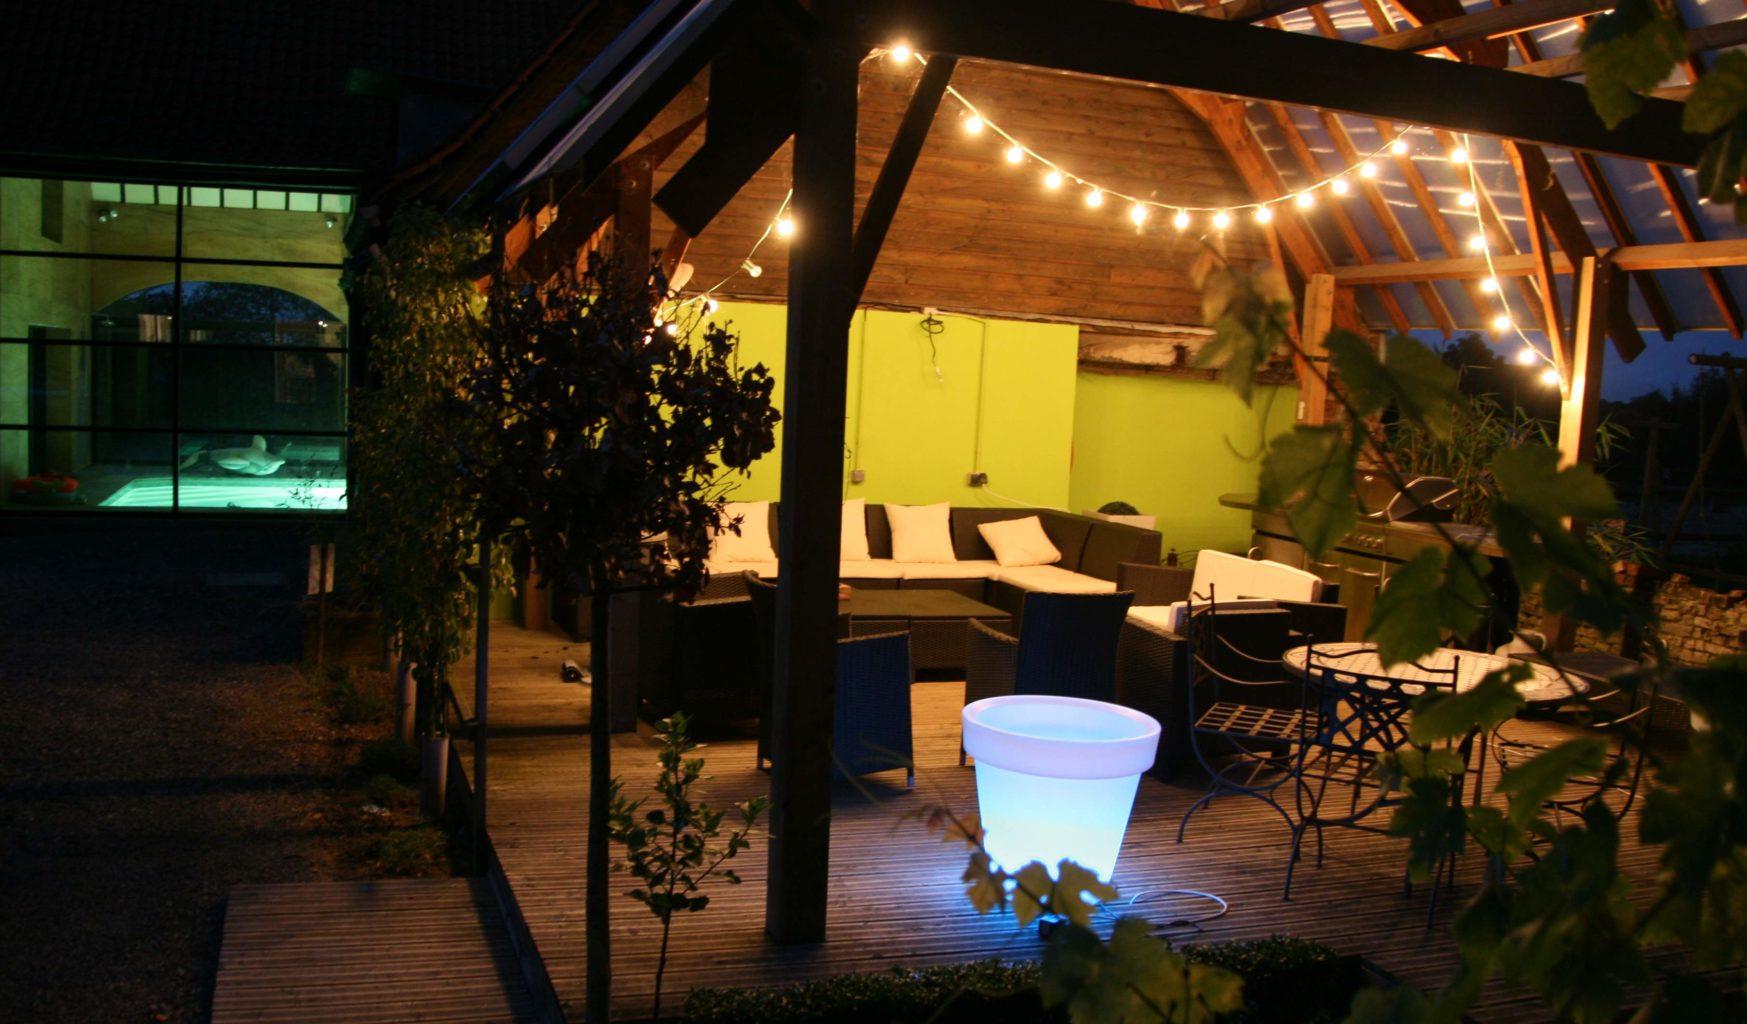 Gites jardins ilona gite de groupe jusque 28 personnes for Gite de groupe avec piscine couverte